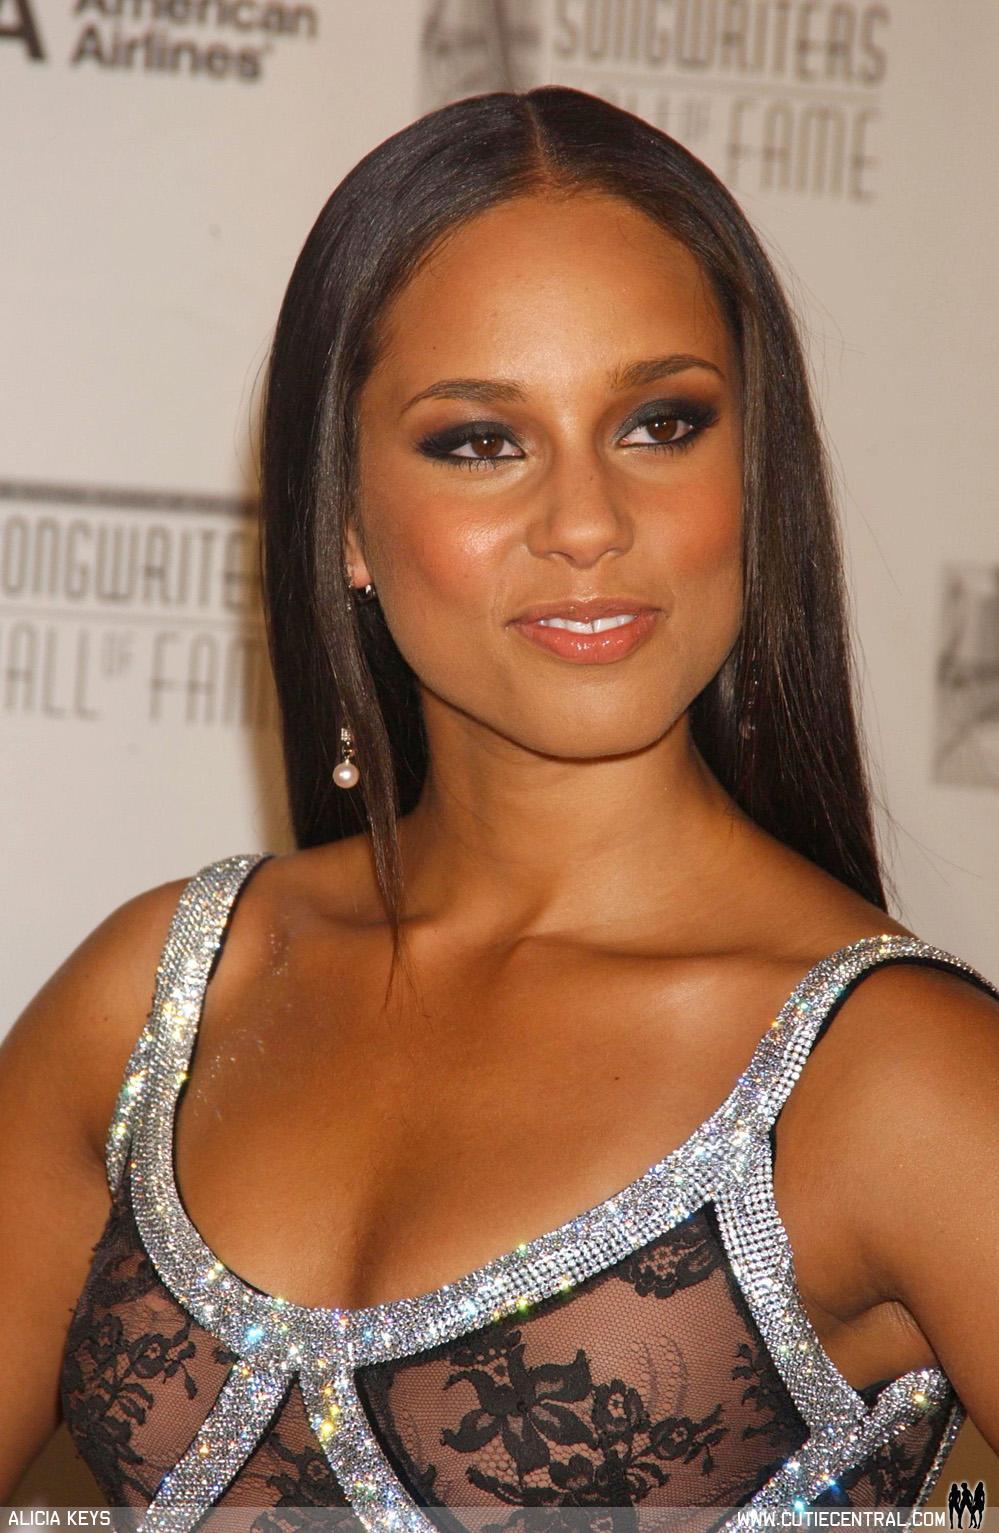 ALICIA KEYS HAIRSTYLES Alicia Keys